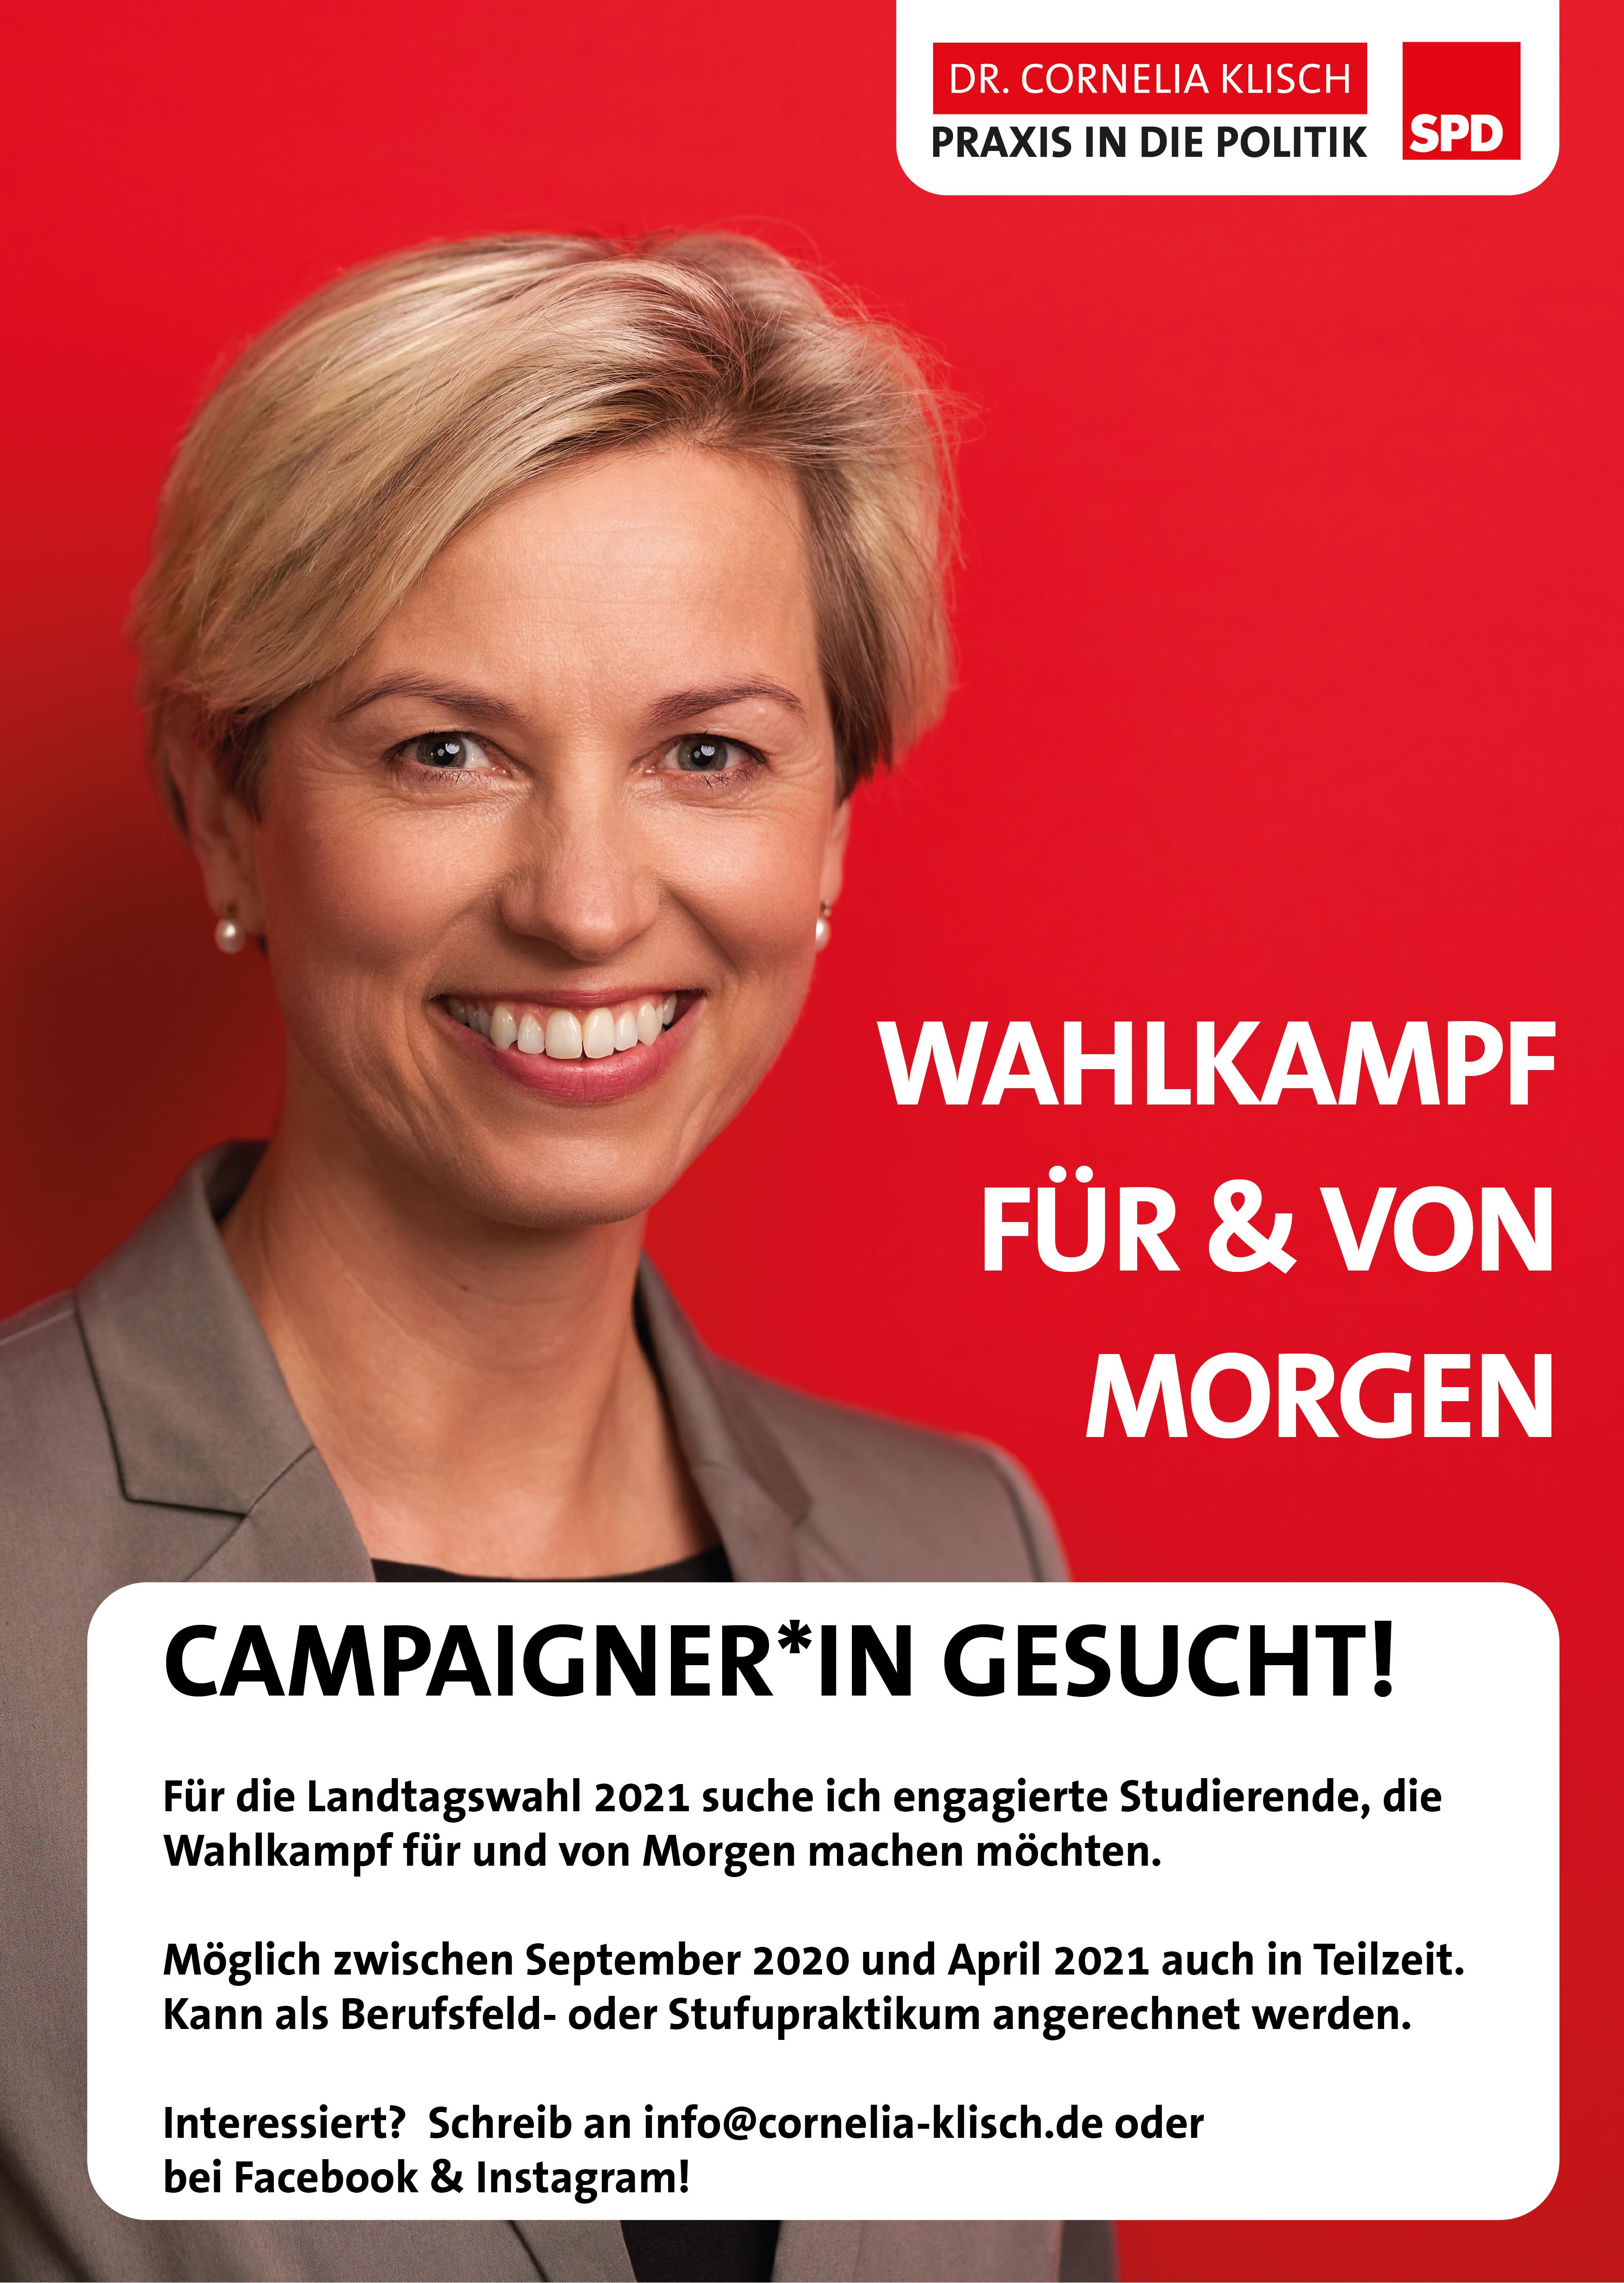 Werdet Campaigner*innen!